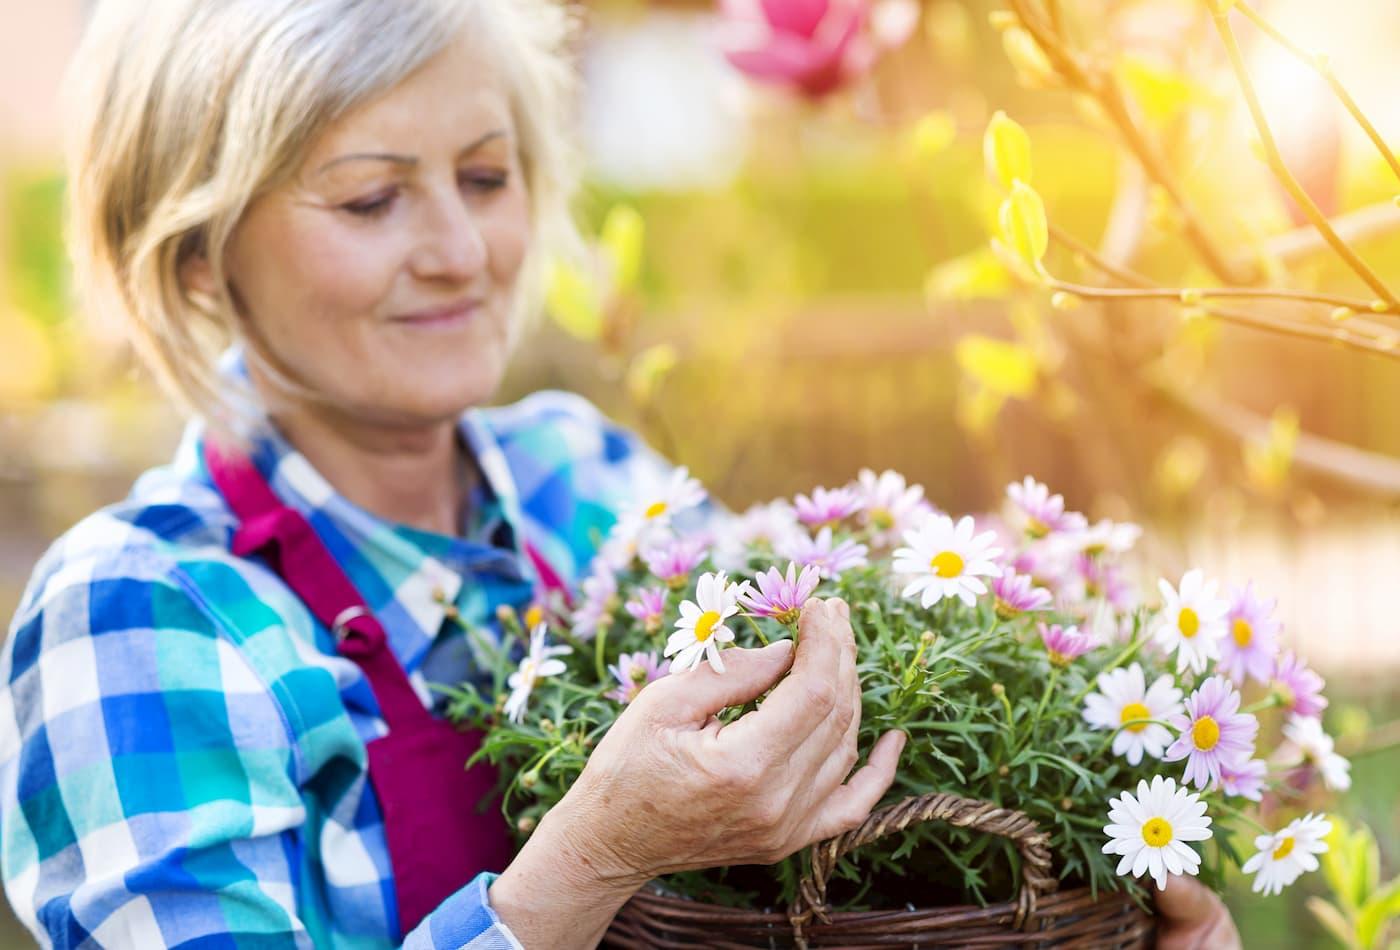 bienfaits du jardinage